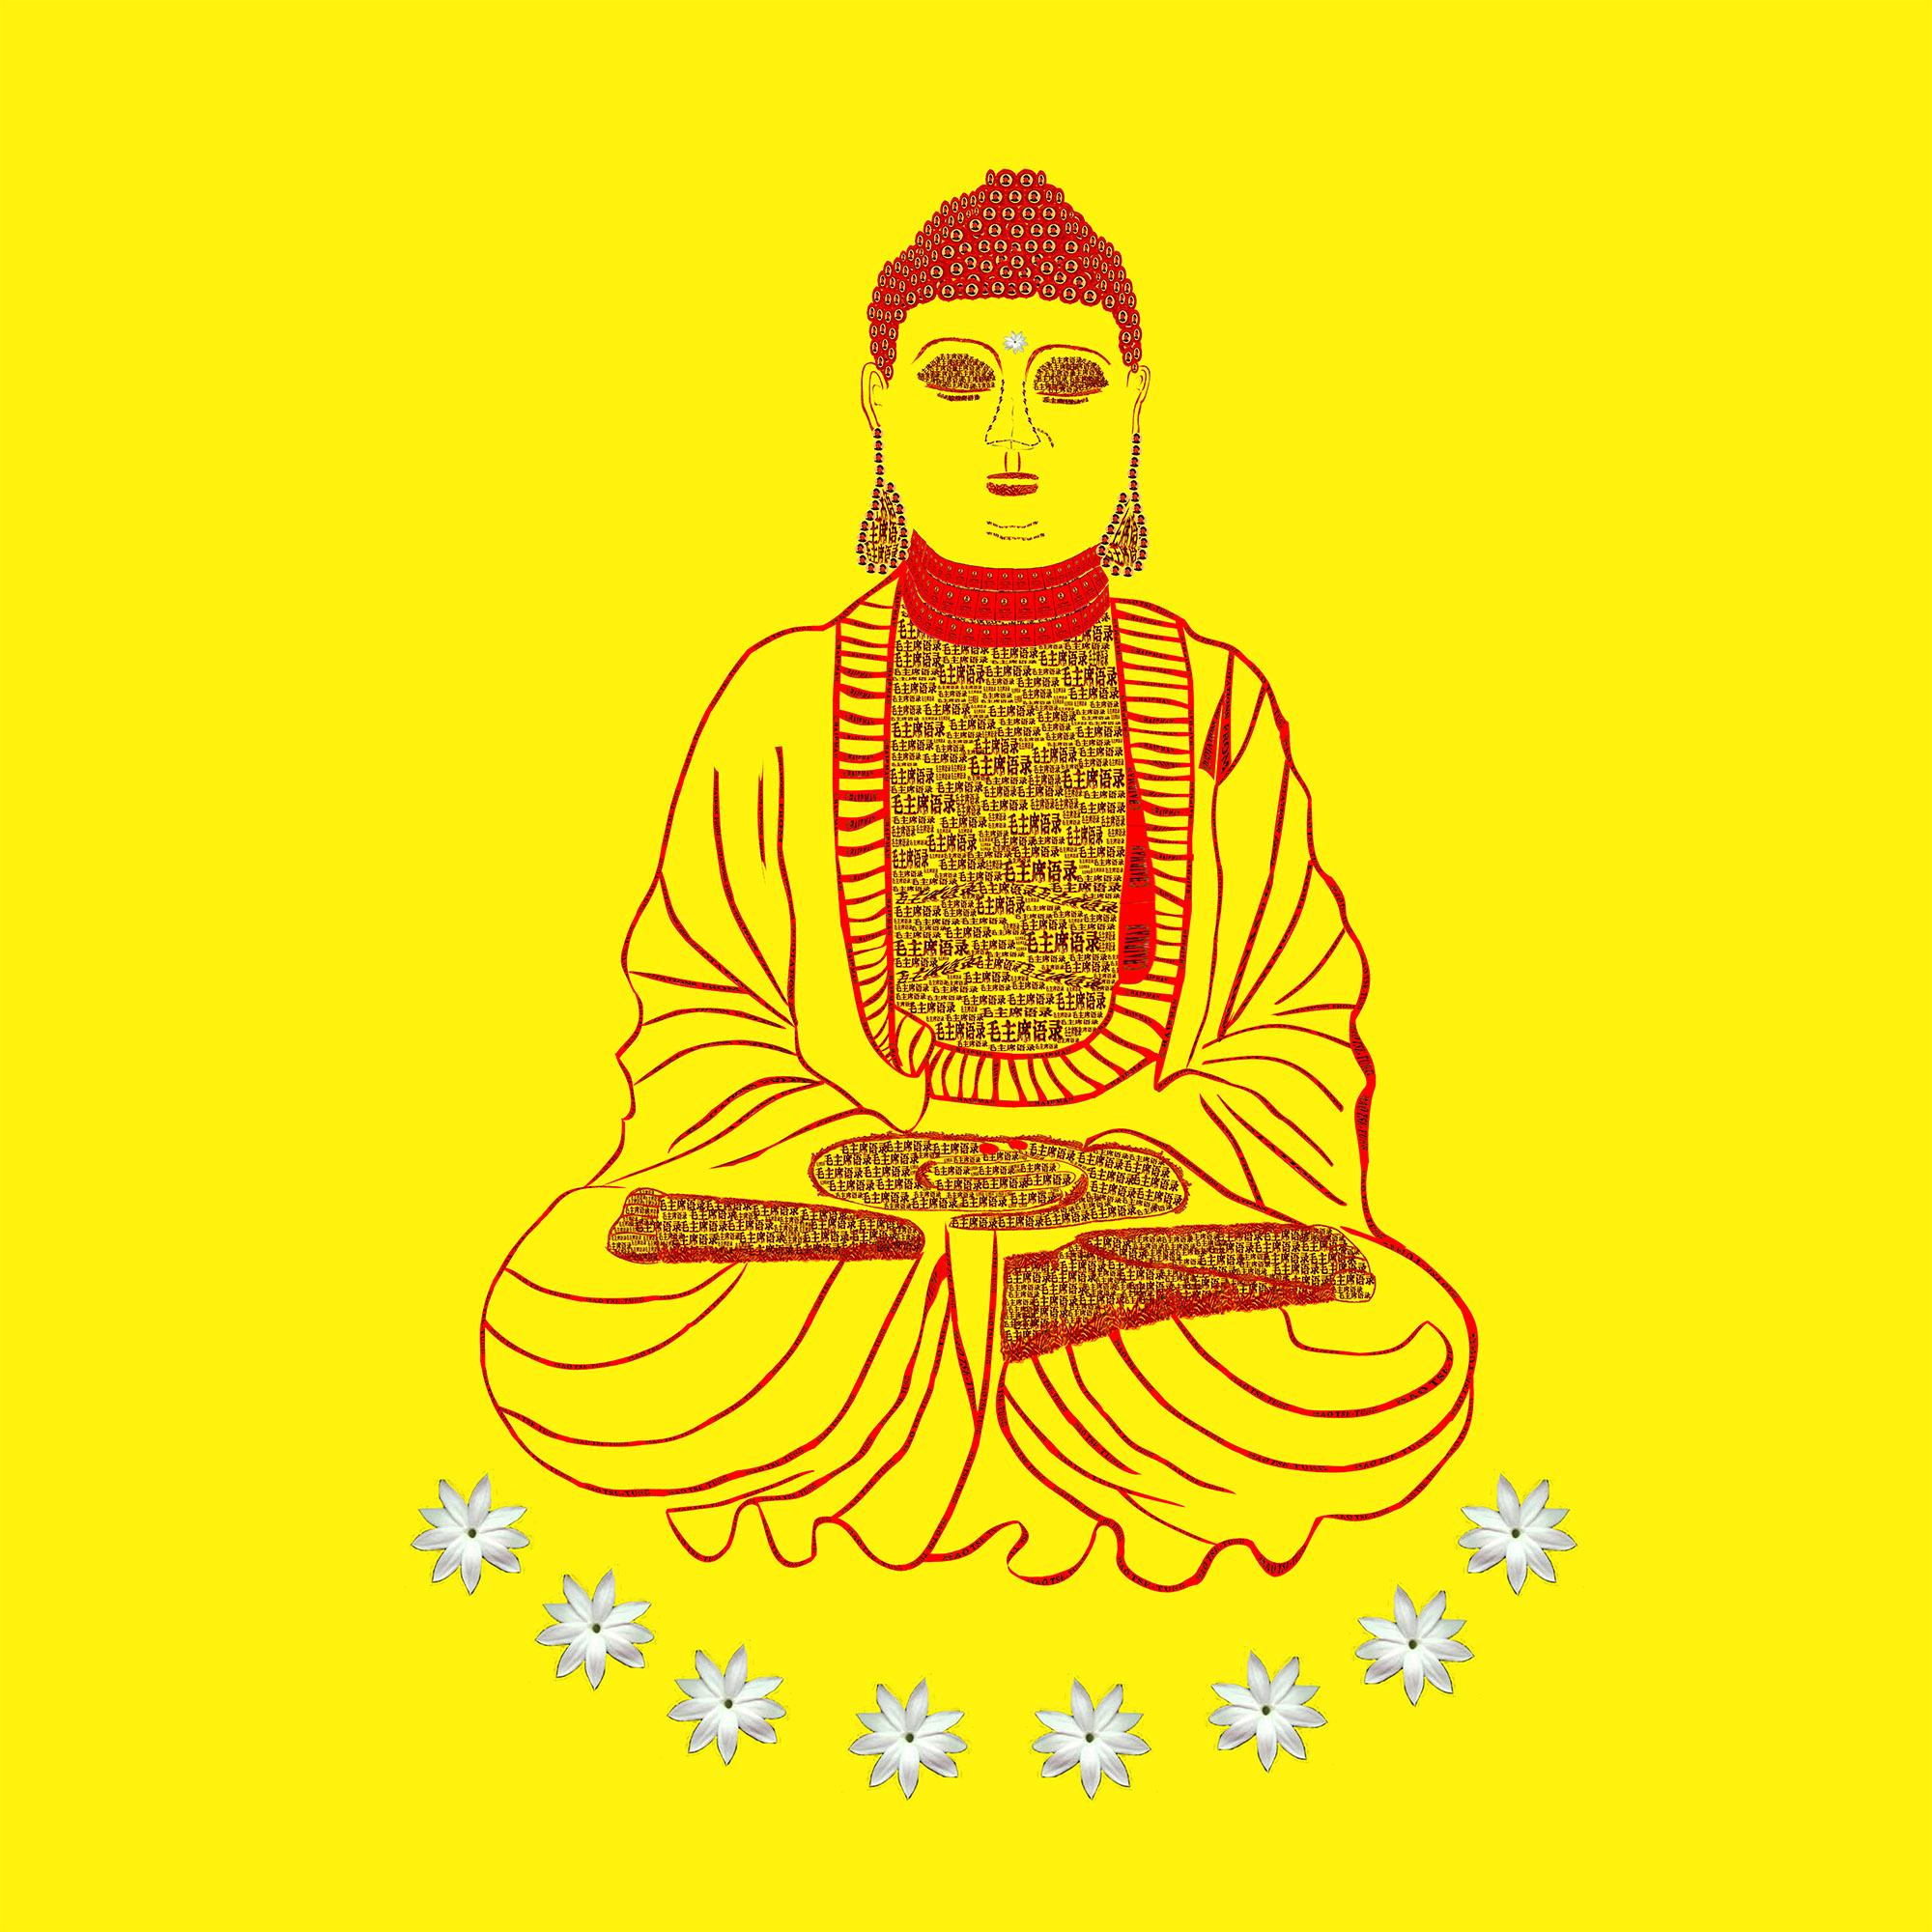 Red Book Buddha - Yellow